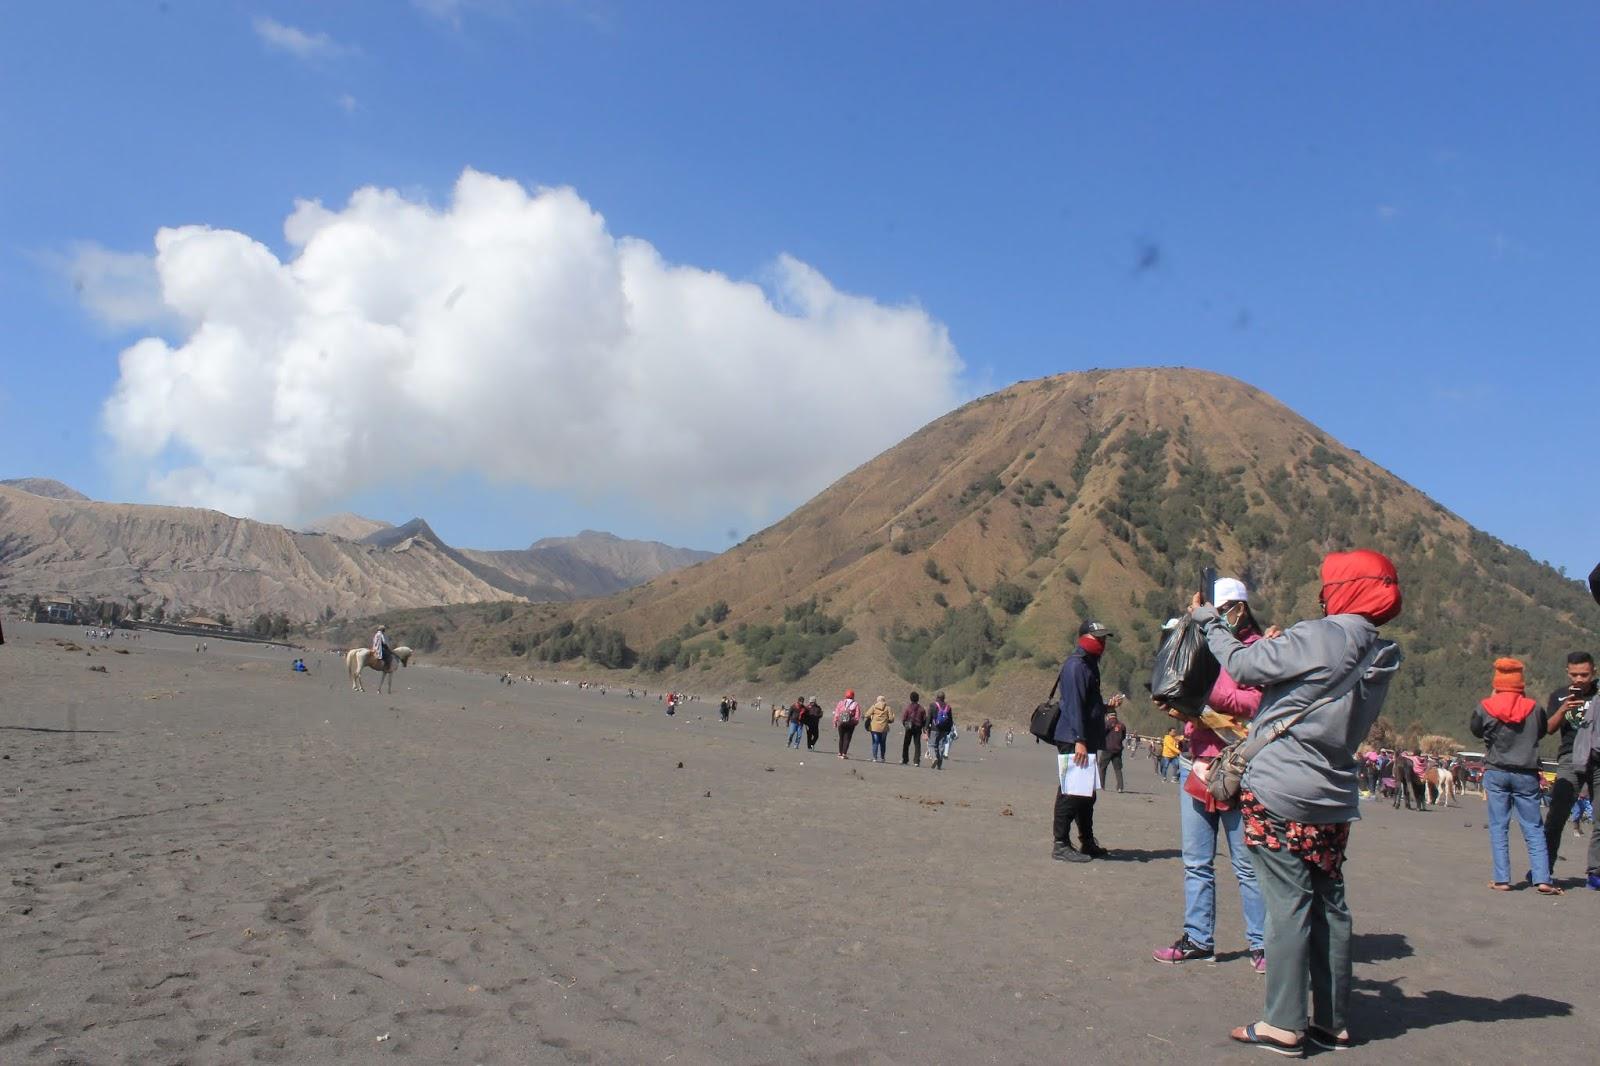 Harga Tiket Masuk Wisata Gunung Bromo Jawa Timur Siyoo